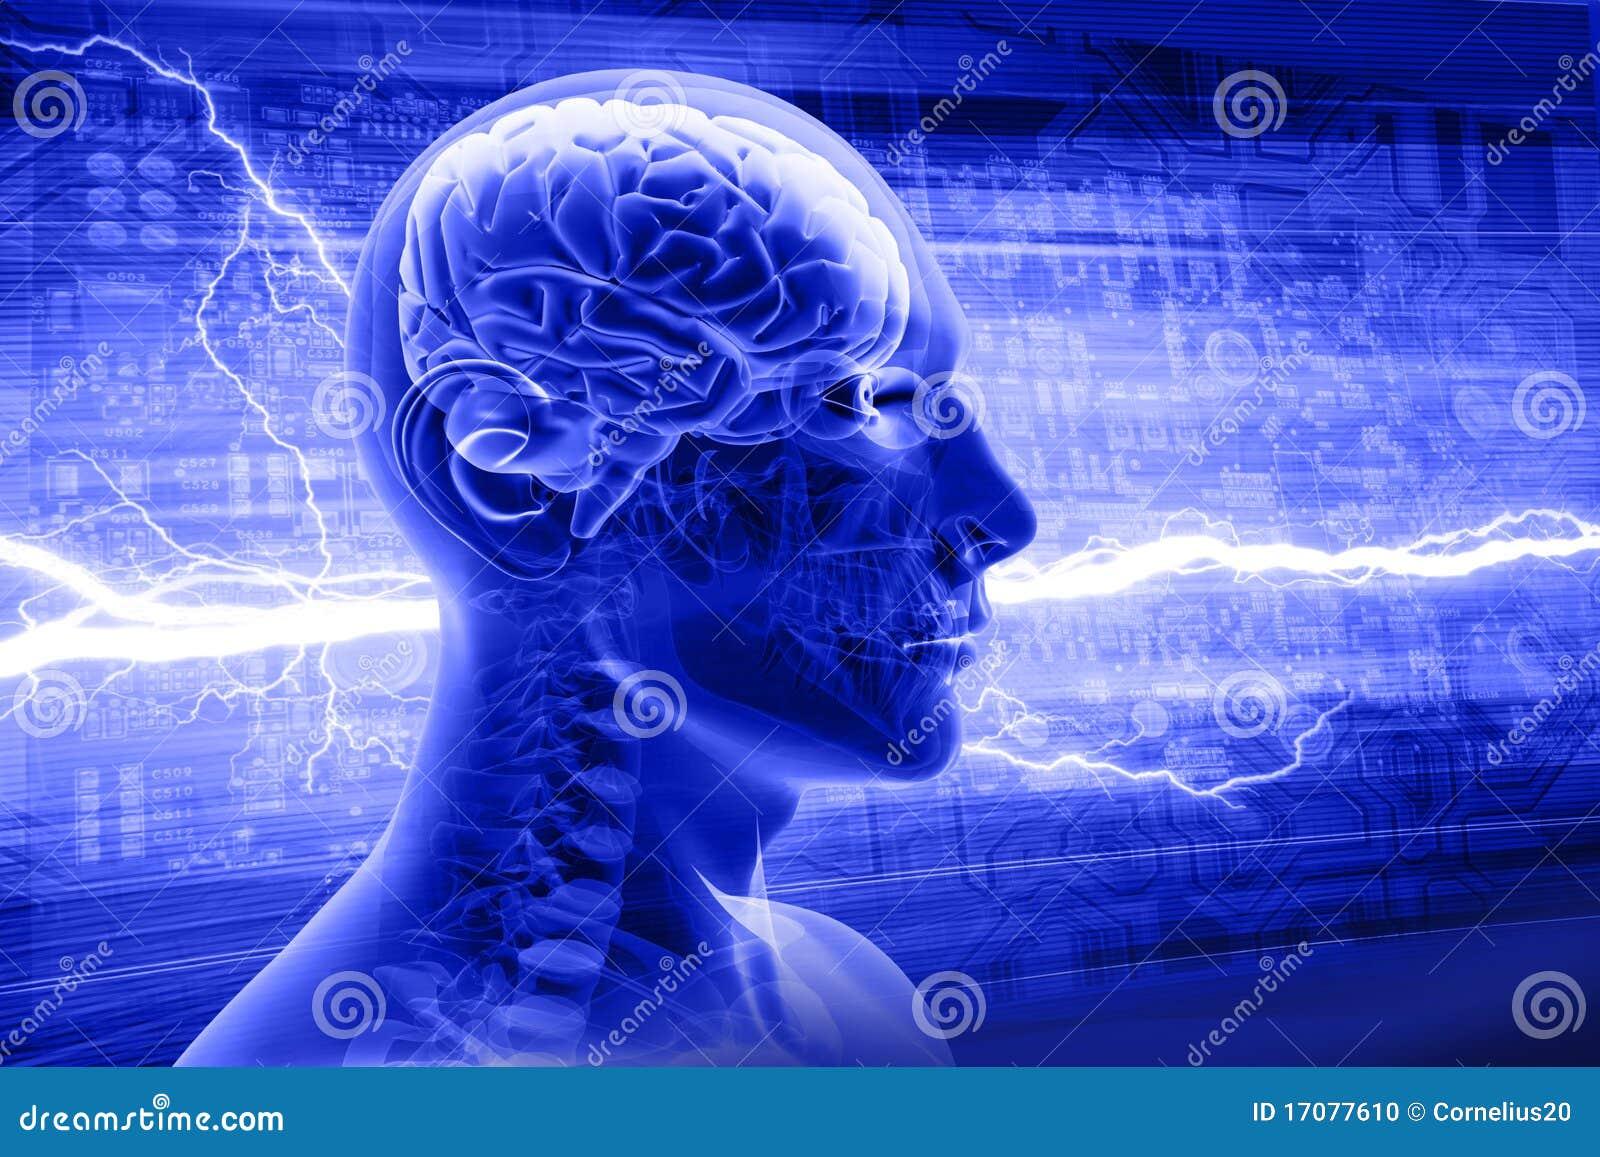 De röntgenstraal van de mens